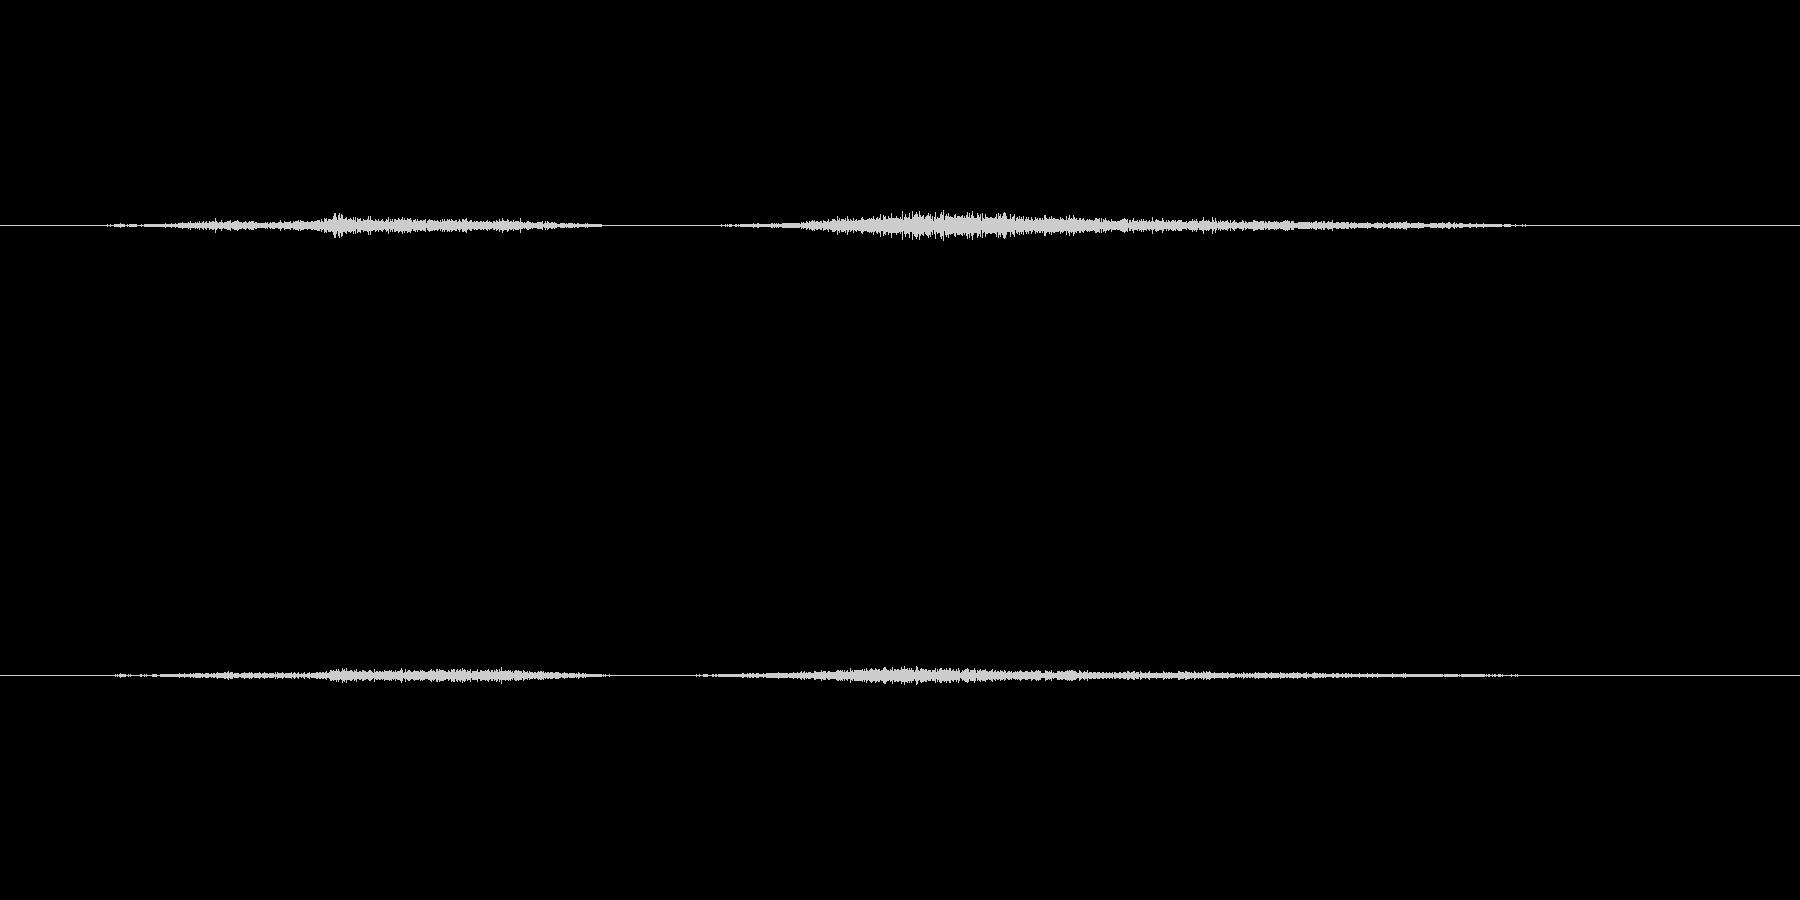 【生音】触れる・肌 - 1 「さすり」の未再生の波形